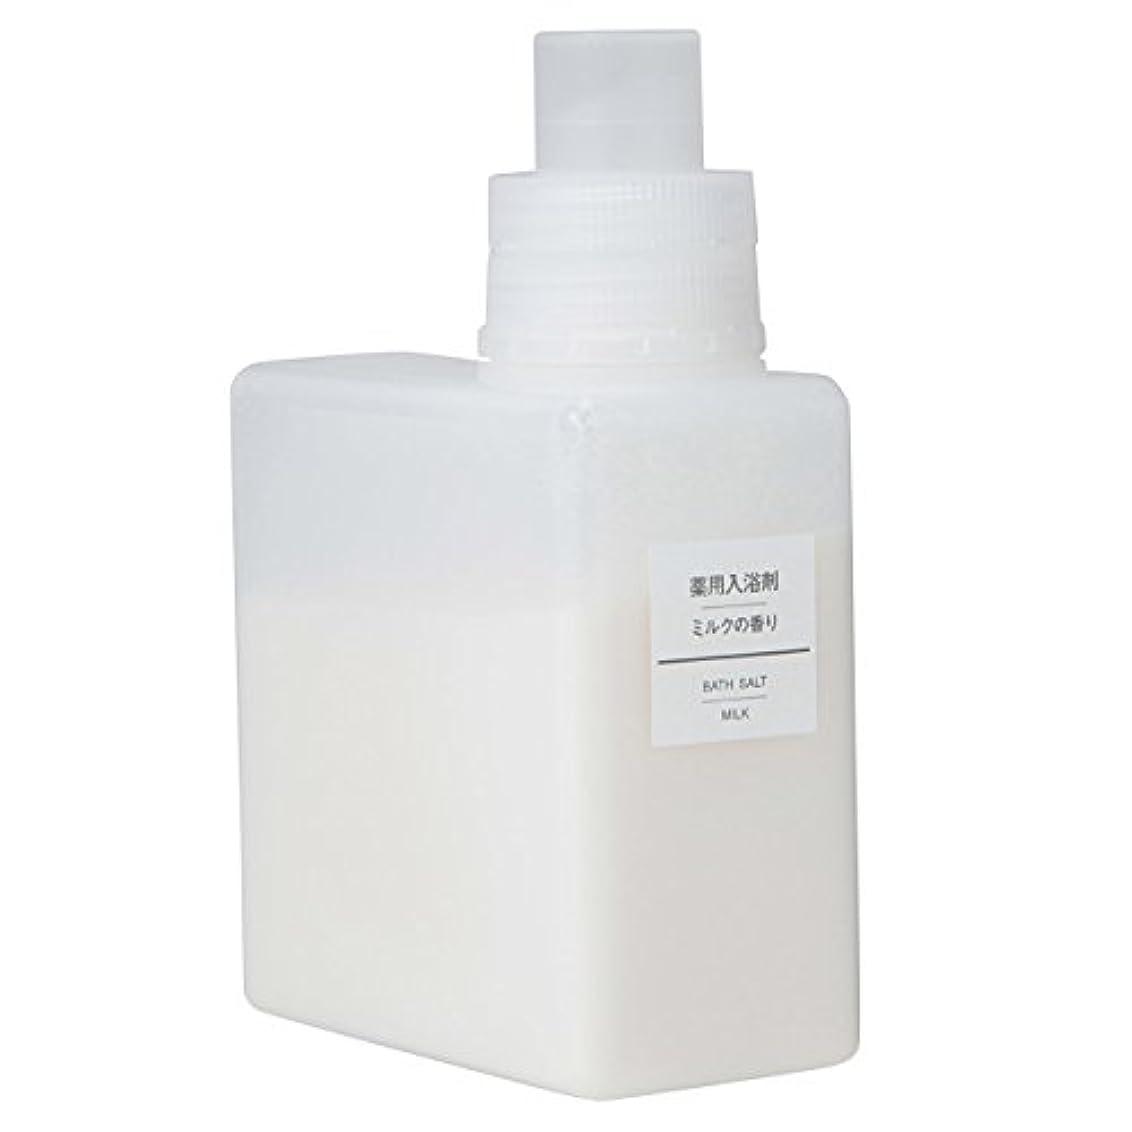 無印良品 薬用入浴剤?ミルクの香り (新)500g 日本製